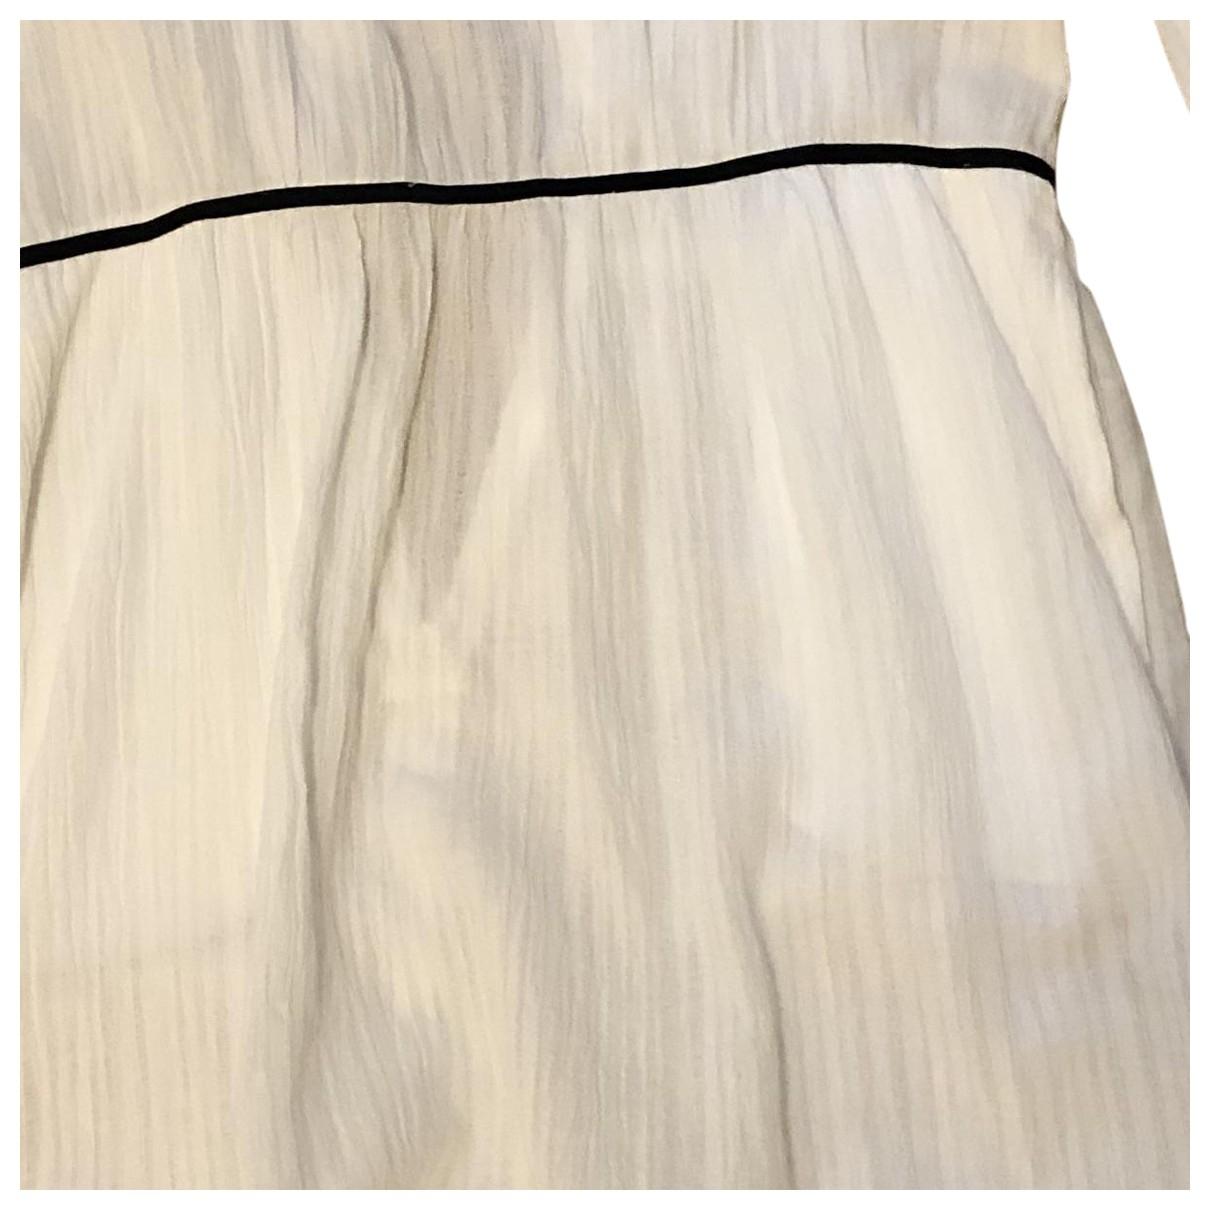 Bel Air \N Kleid in  Weiss Baumwolle